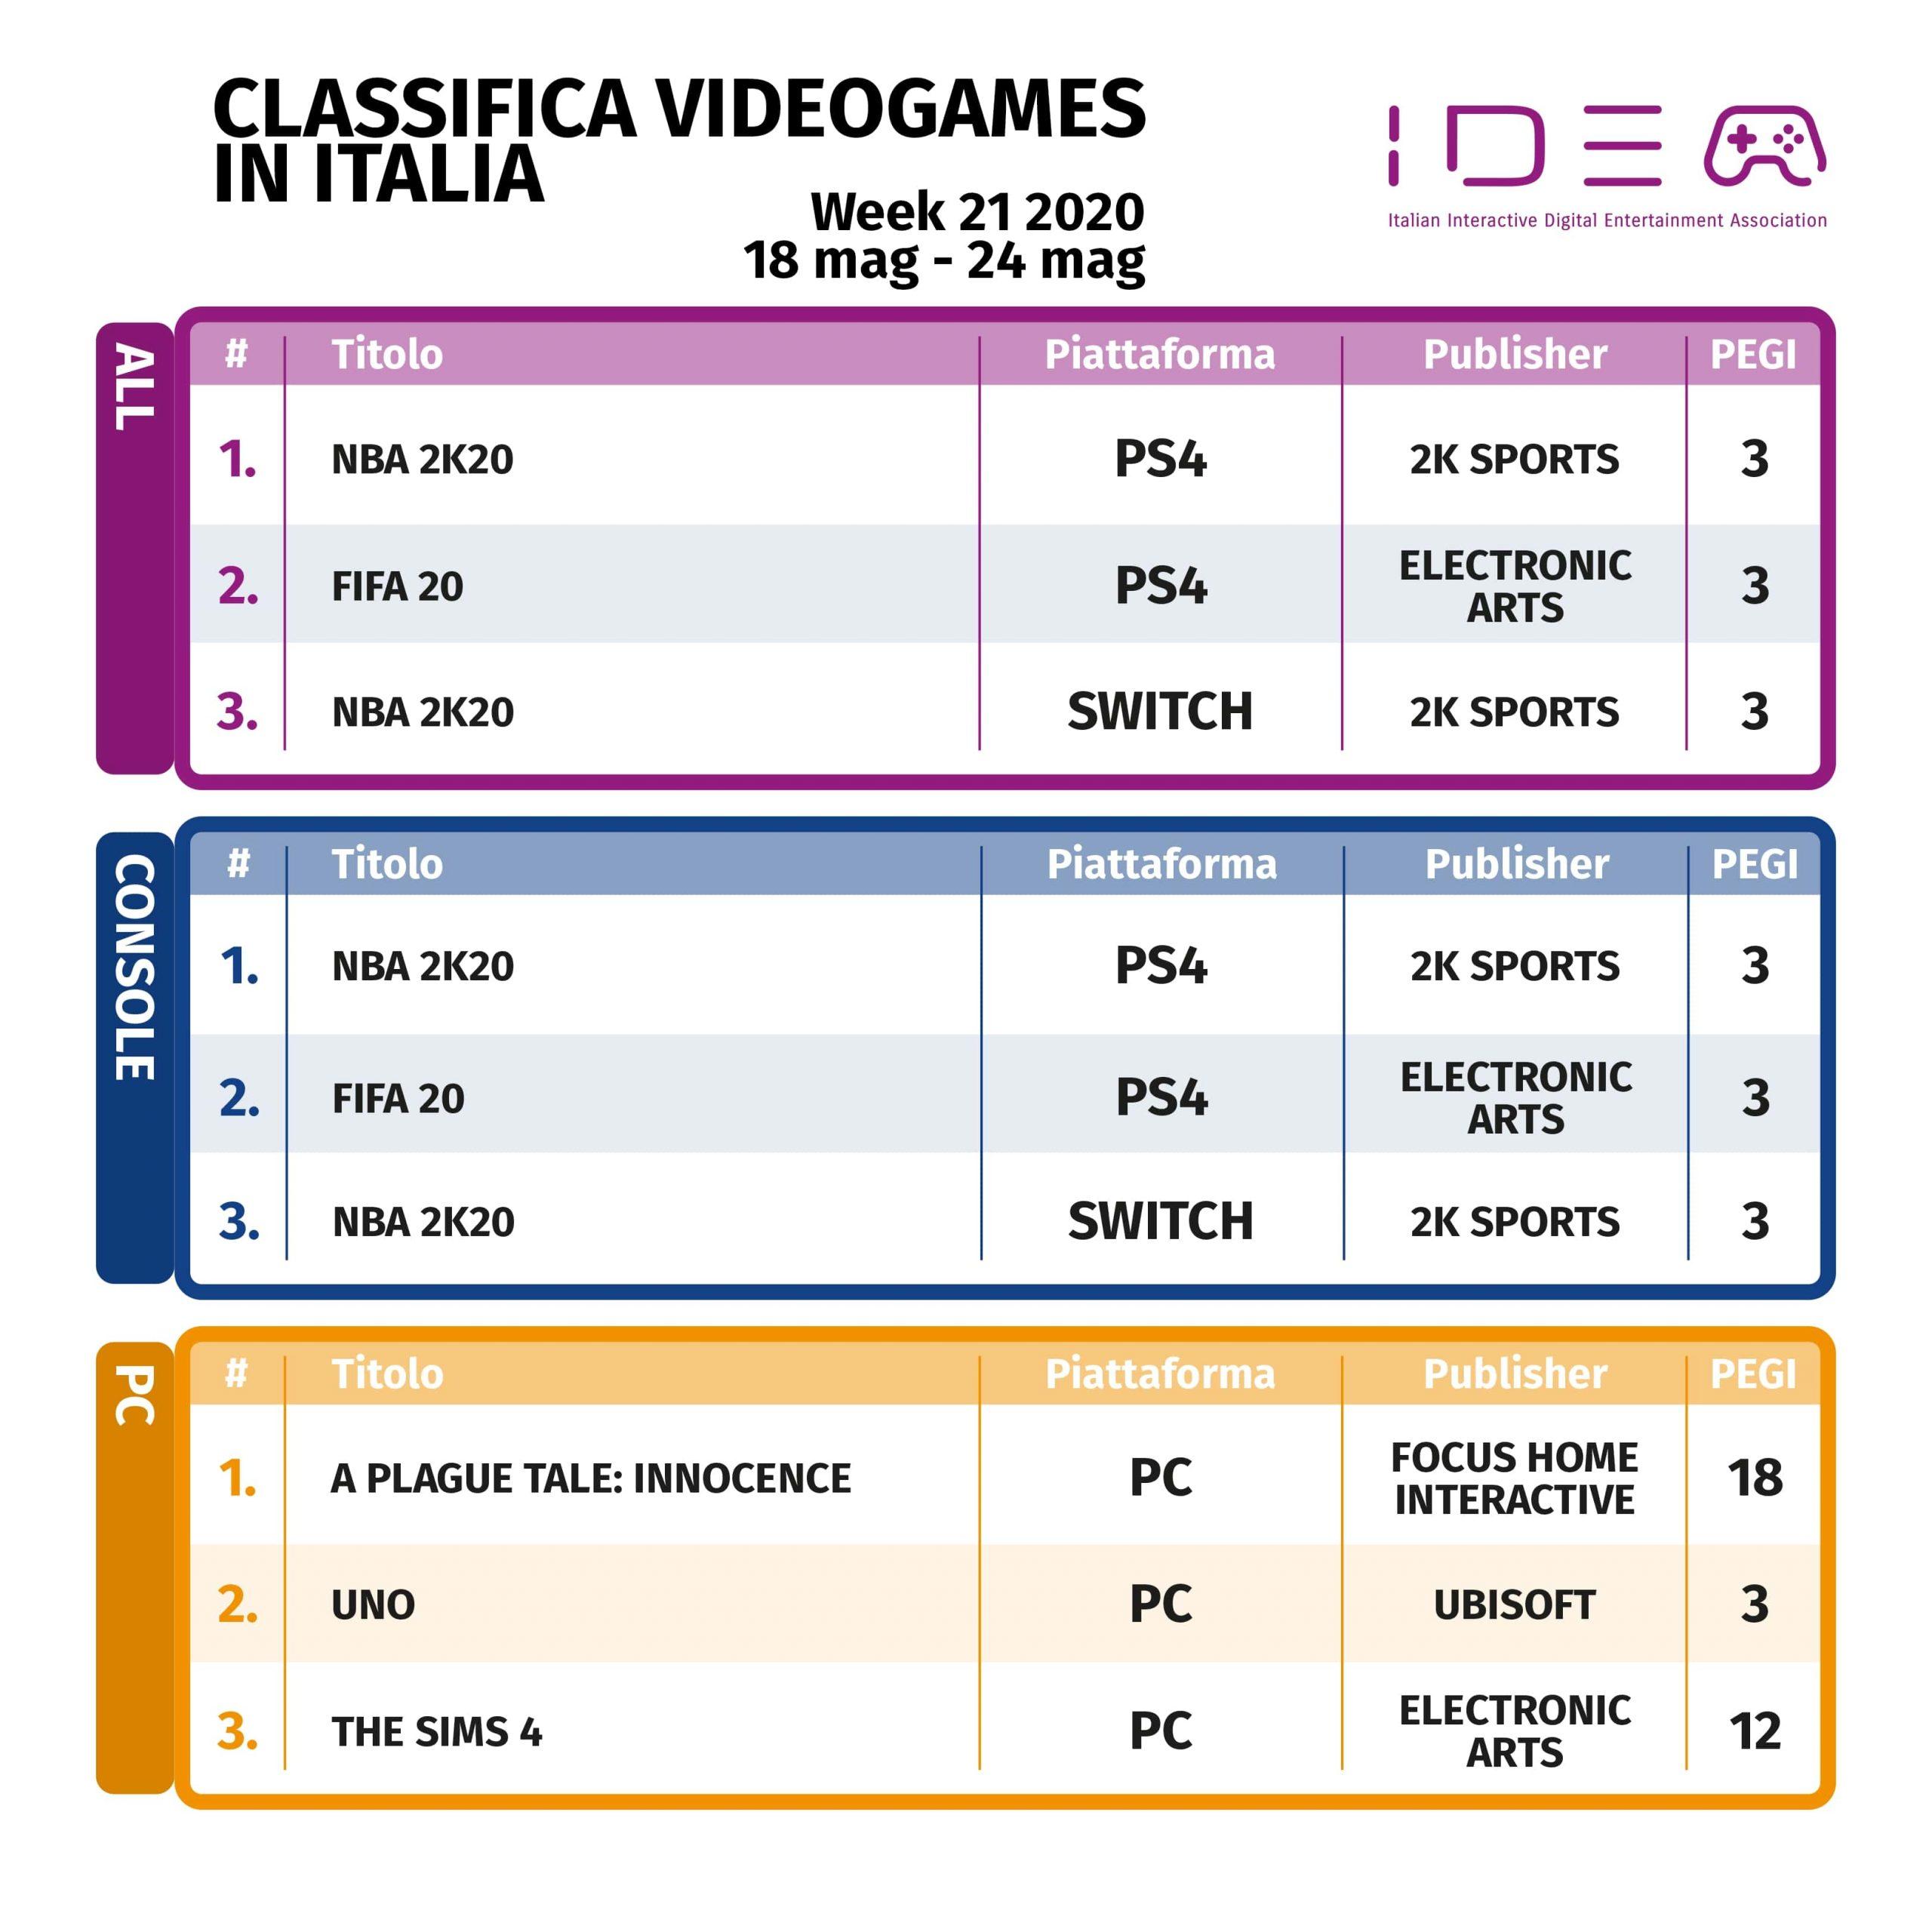 classifica italiana videogiochi